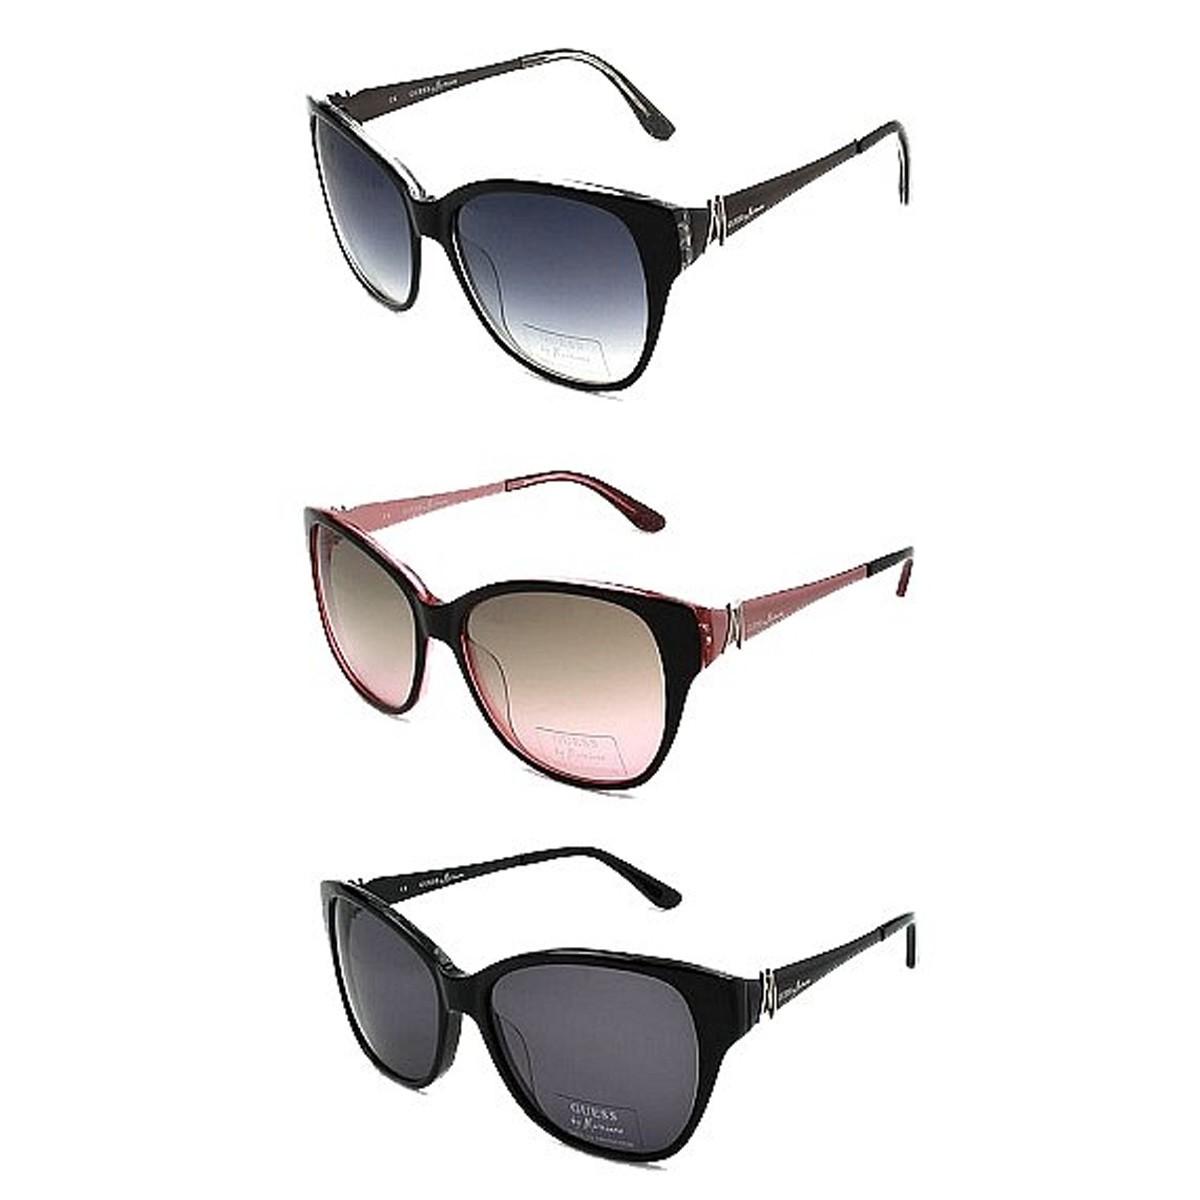 caf50bc88 Slnečné okuliare Guess by Marciano - GM 632 - VysperkujSa.sk